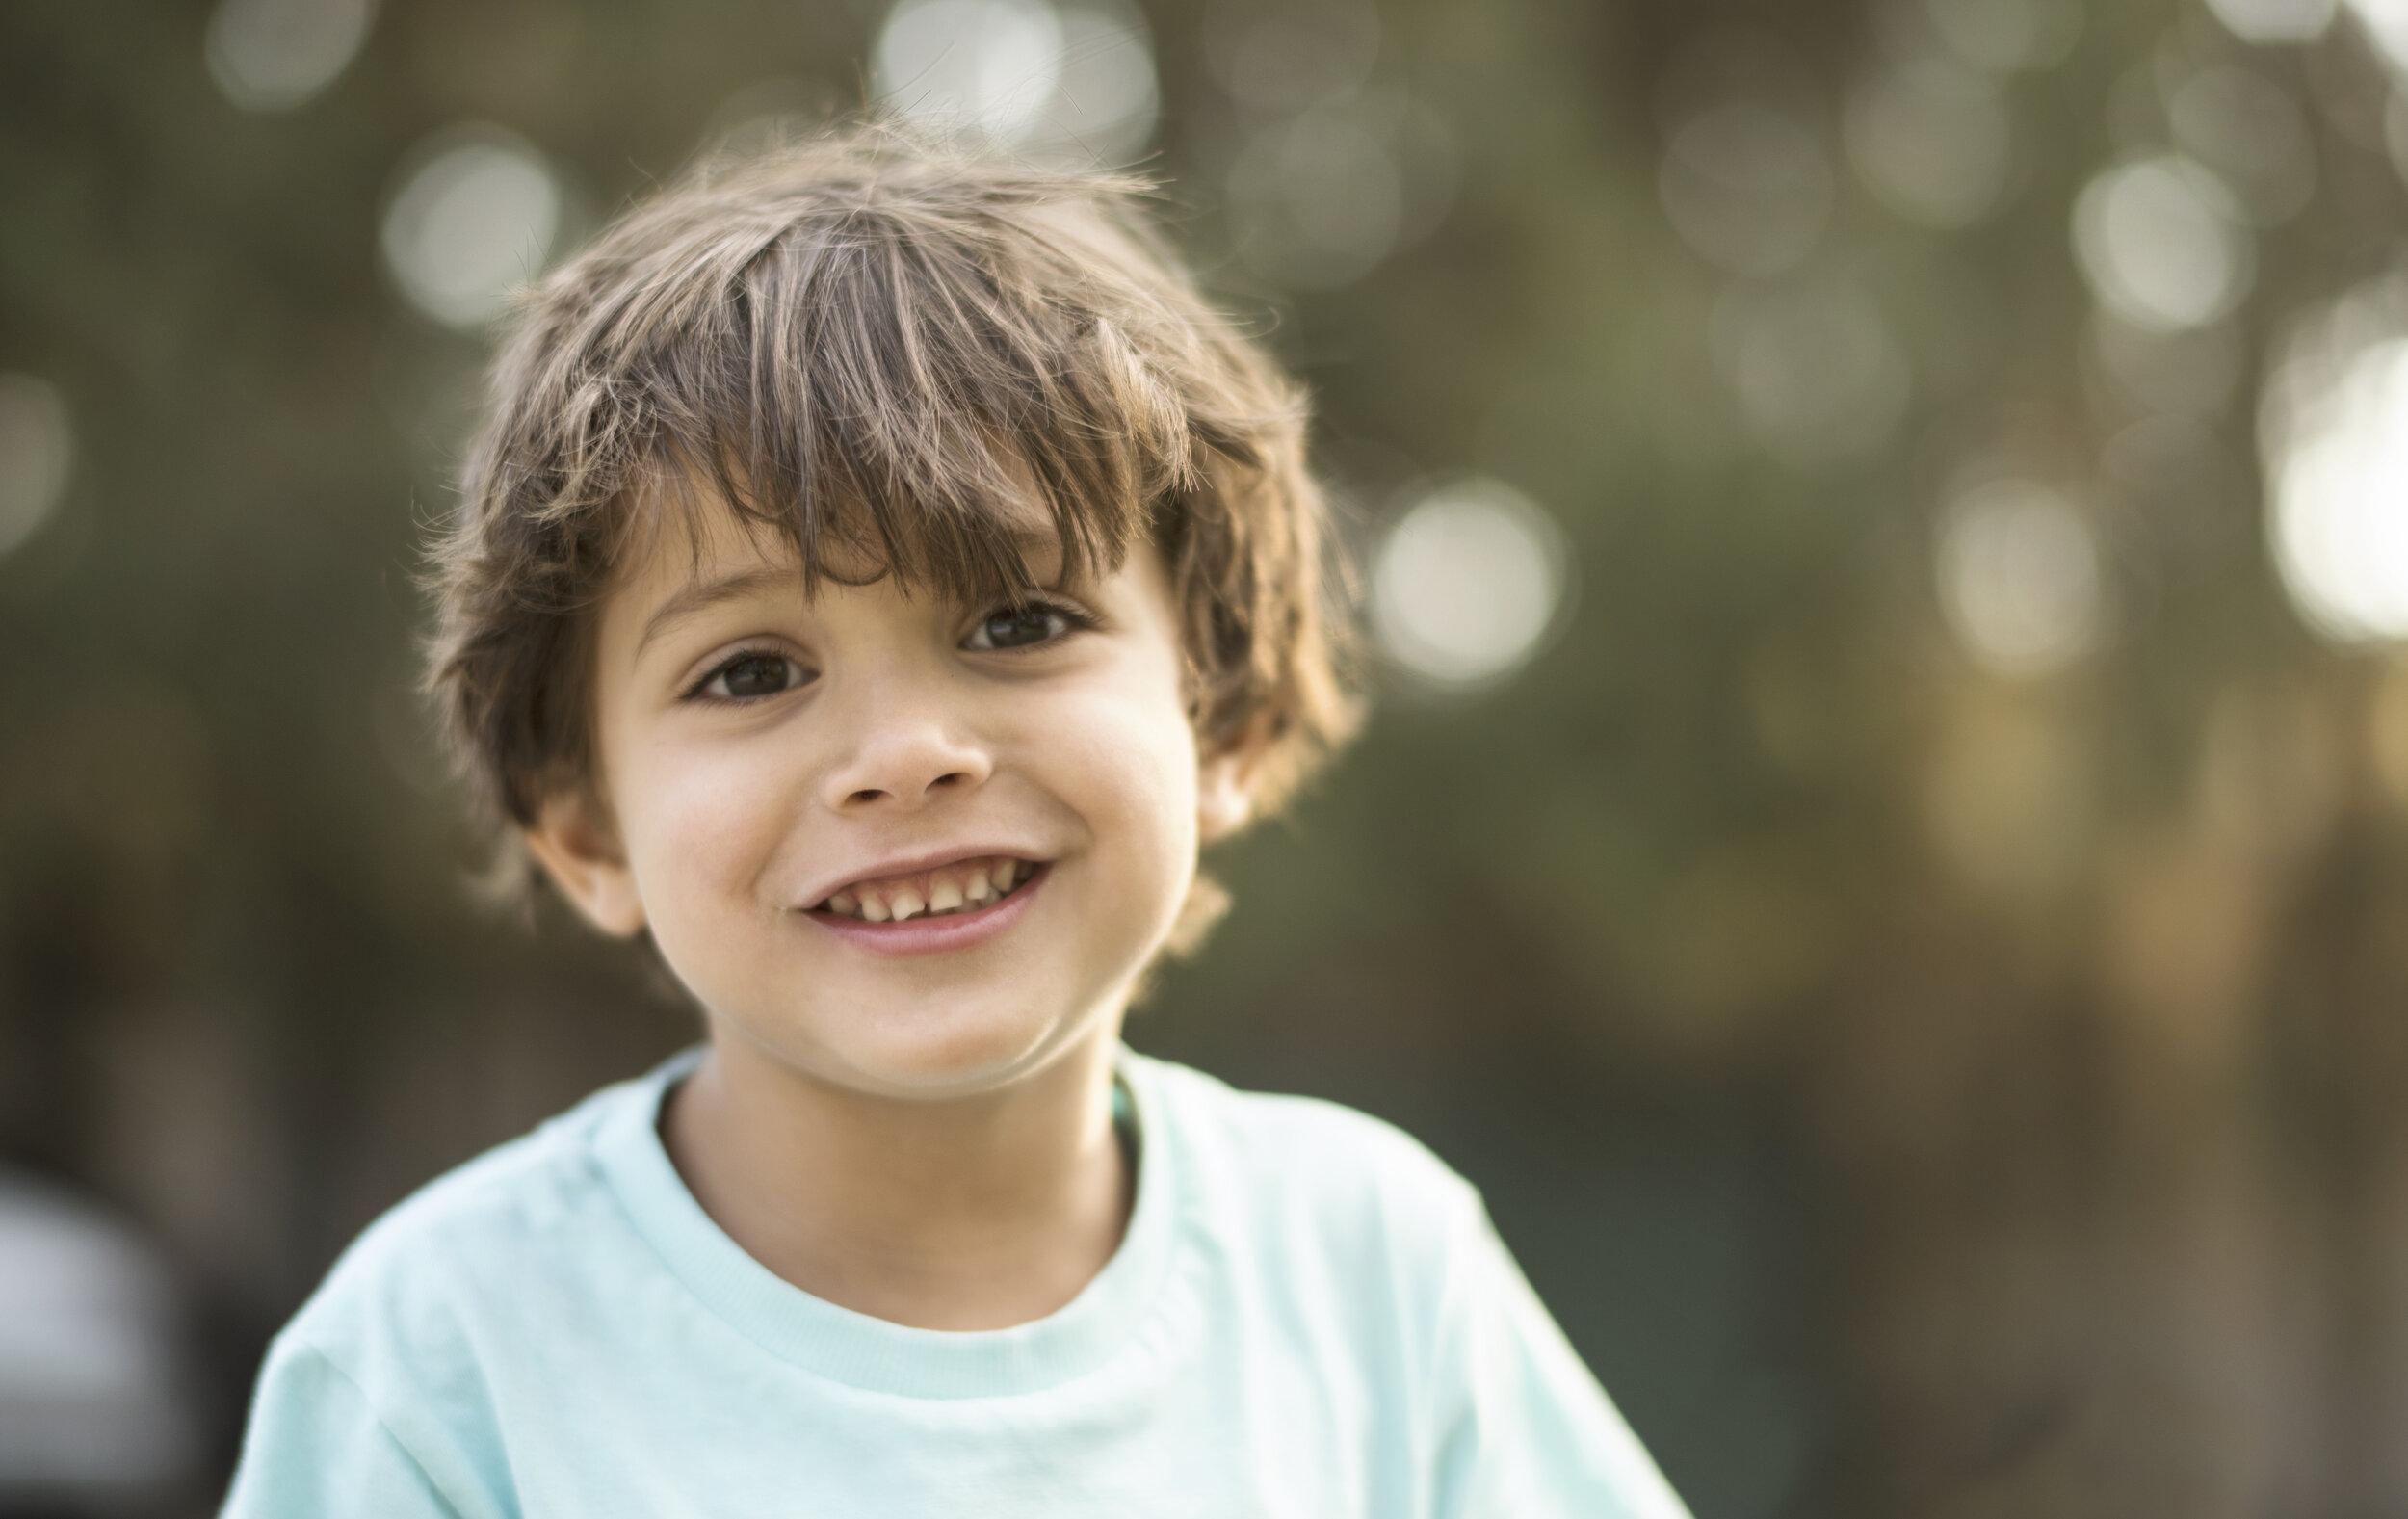 petit-garçon-joyeux-tout-sourire-énergie-autiste-enfant-différent-regard-des-autres.jpeg